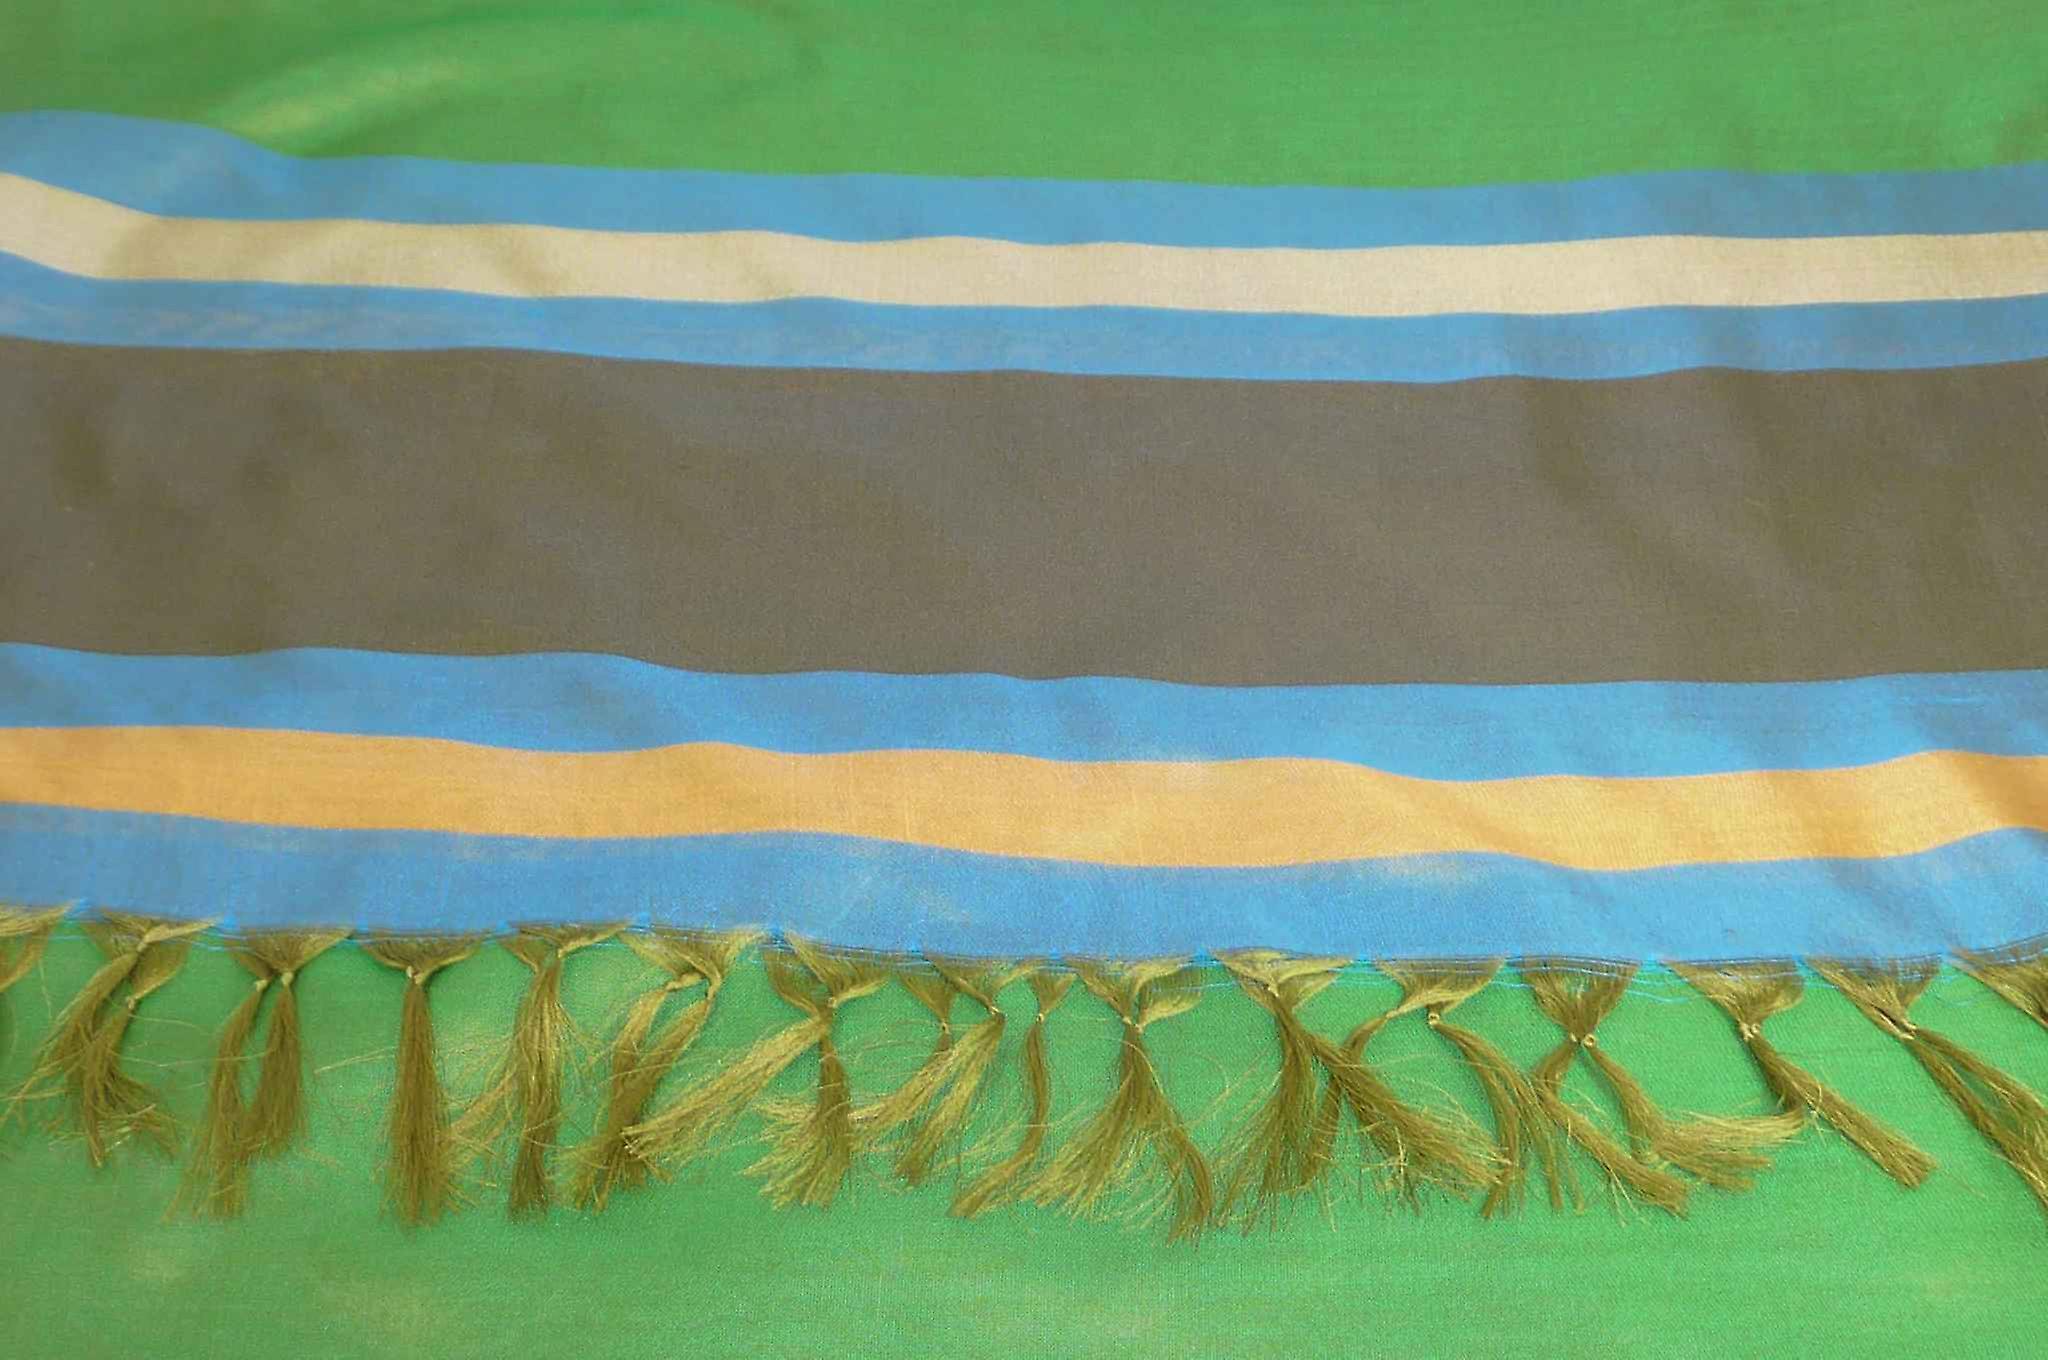 Varanasi Border Prime Silk Long Scarf Heritage Rampersan 414 by Pashmina & Silk